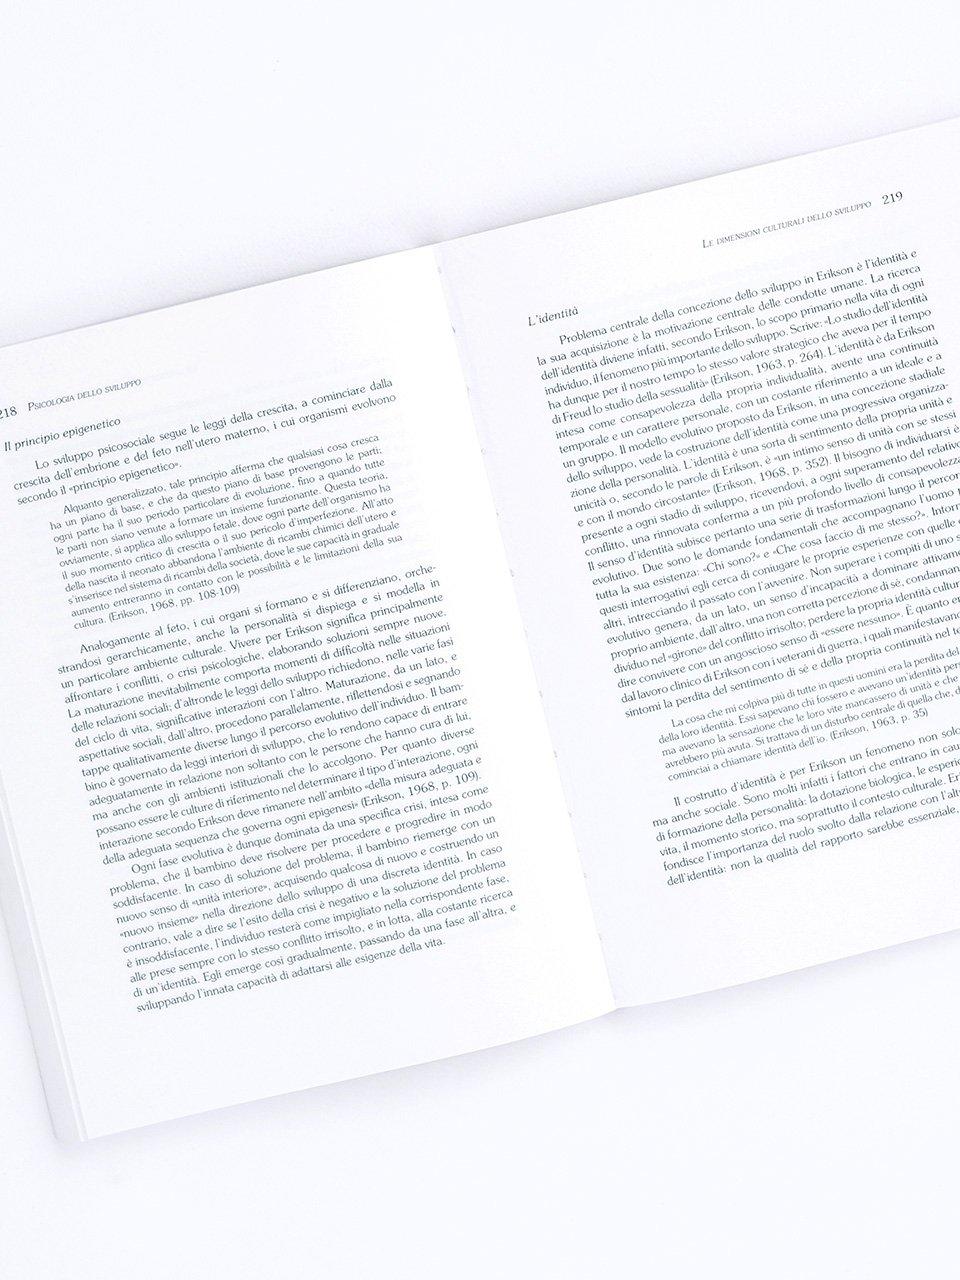 Psicologia dello sviluppo - Libri - Erickson 2